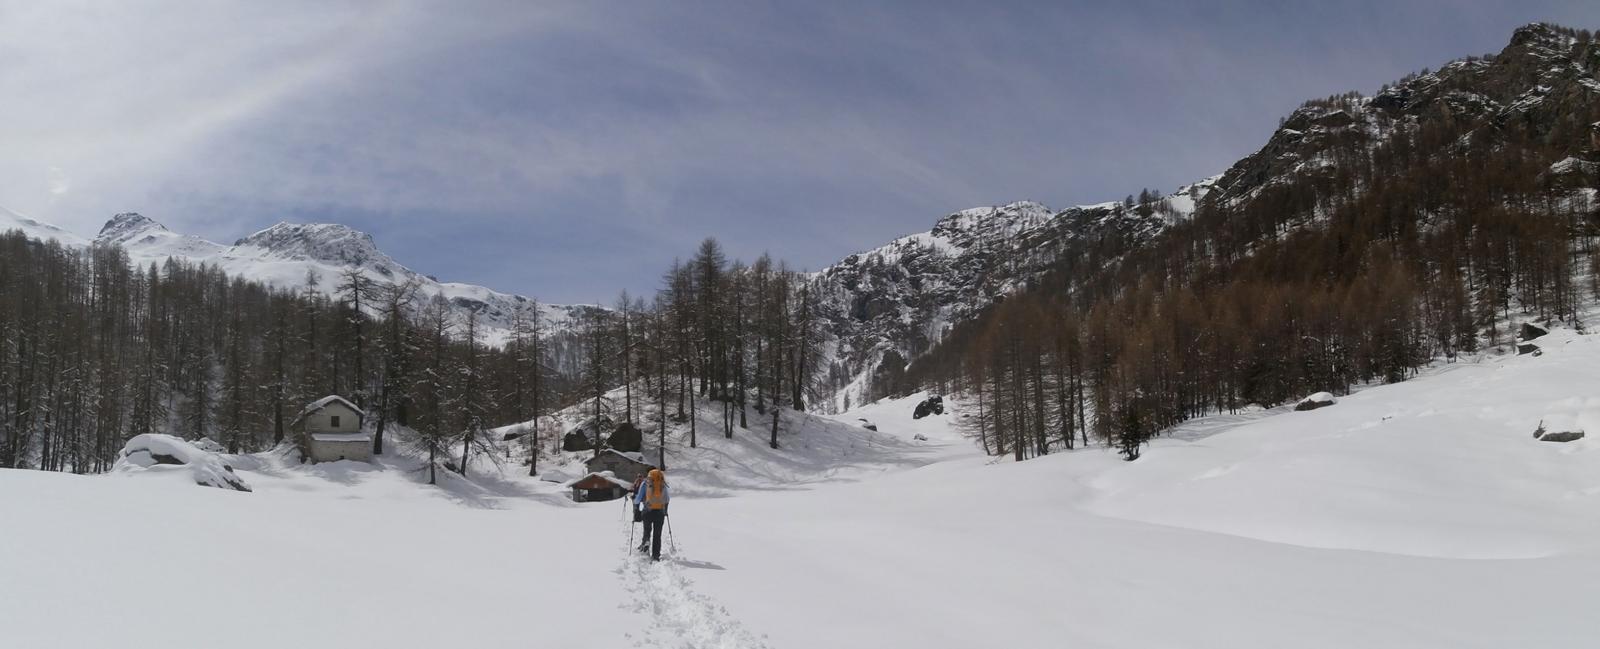 Giancarlo ha finito di tracciare dopo 7 km. di percorso in neve intonsa...